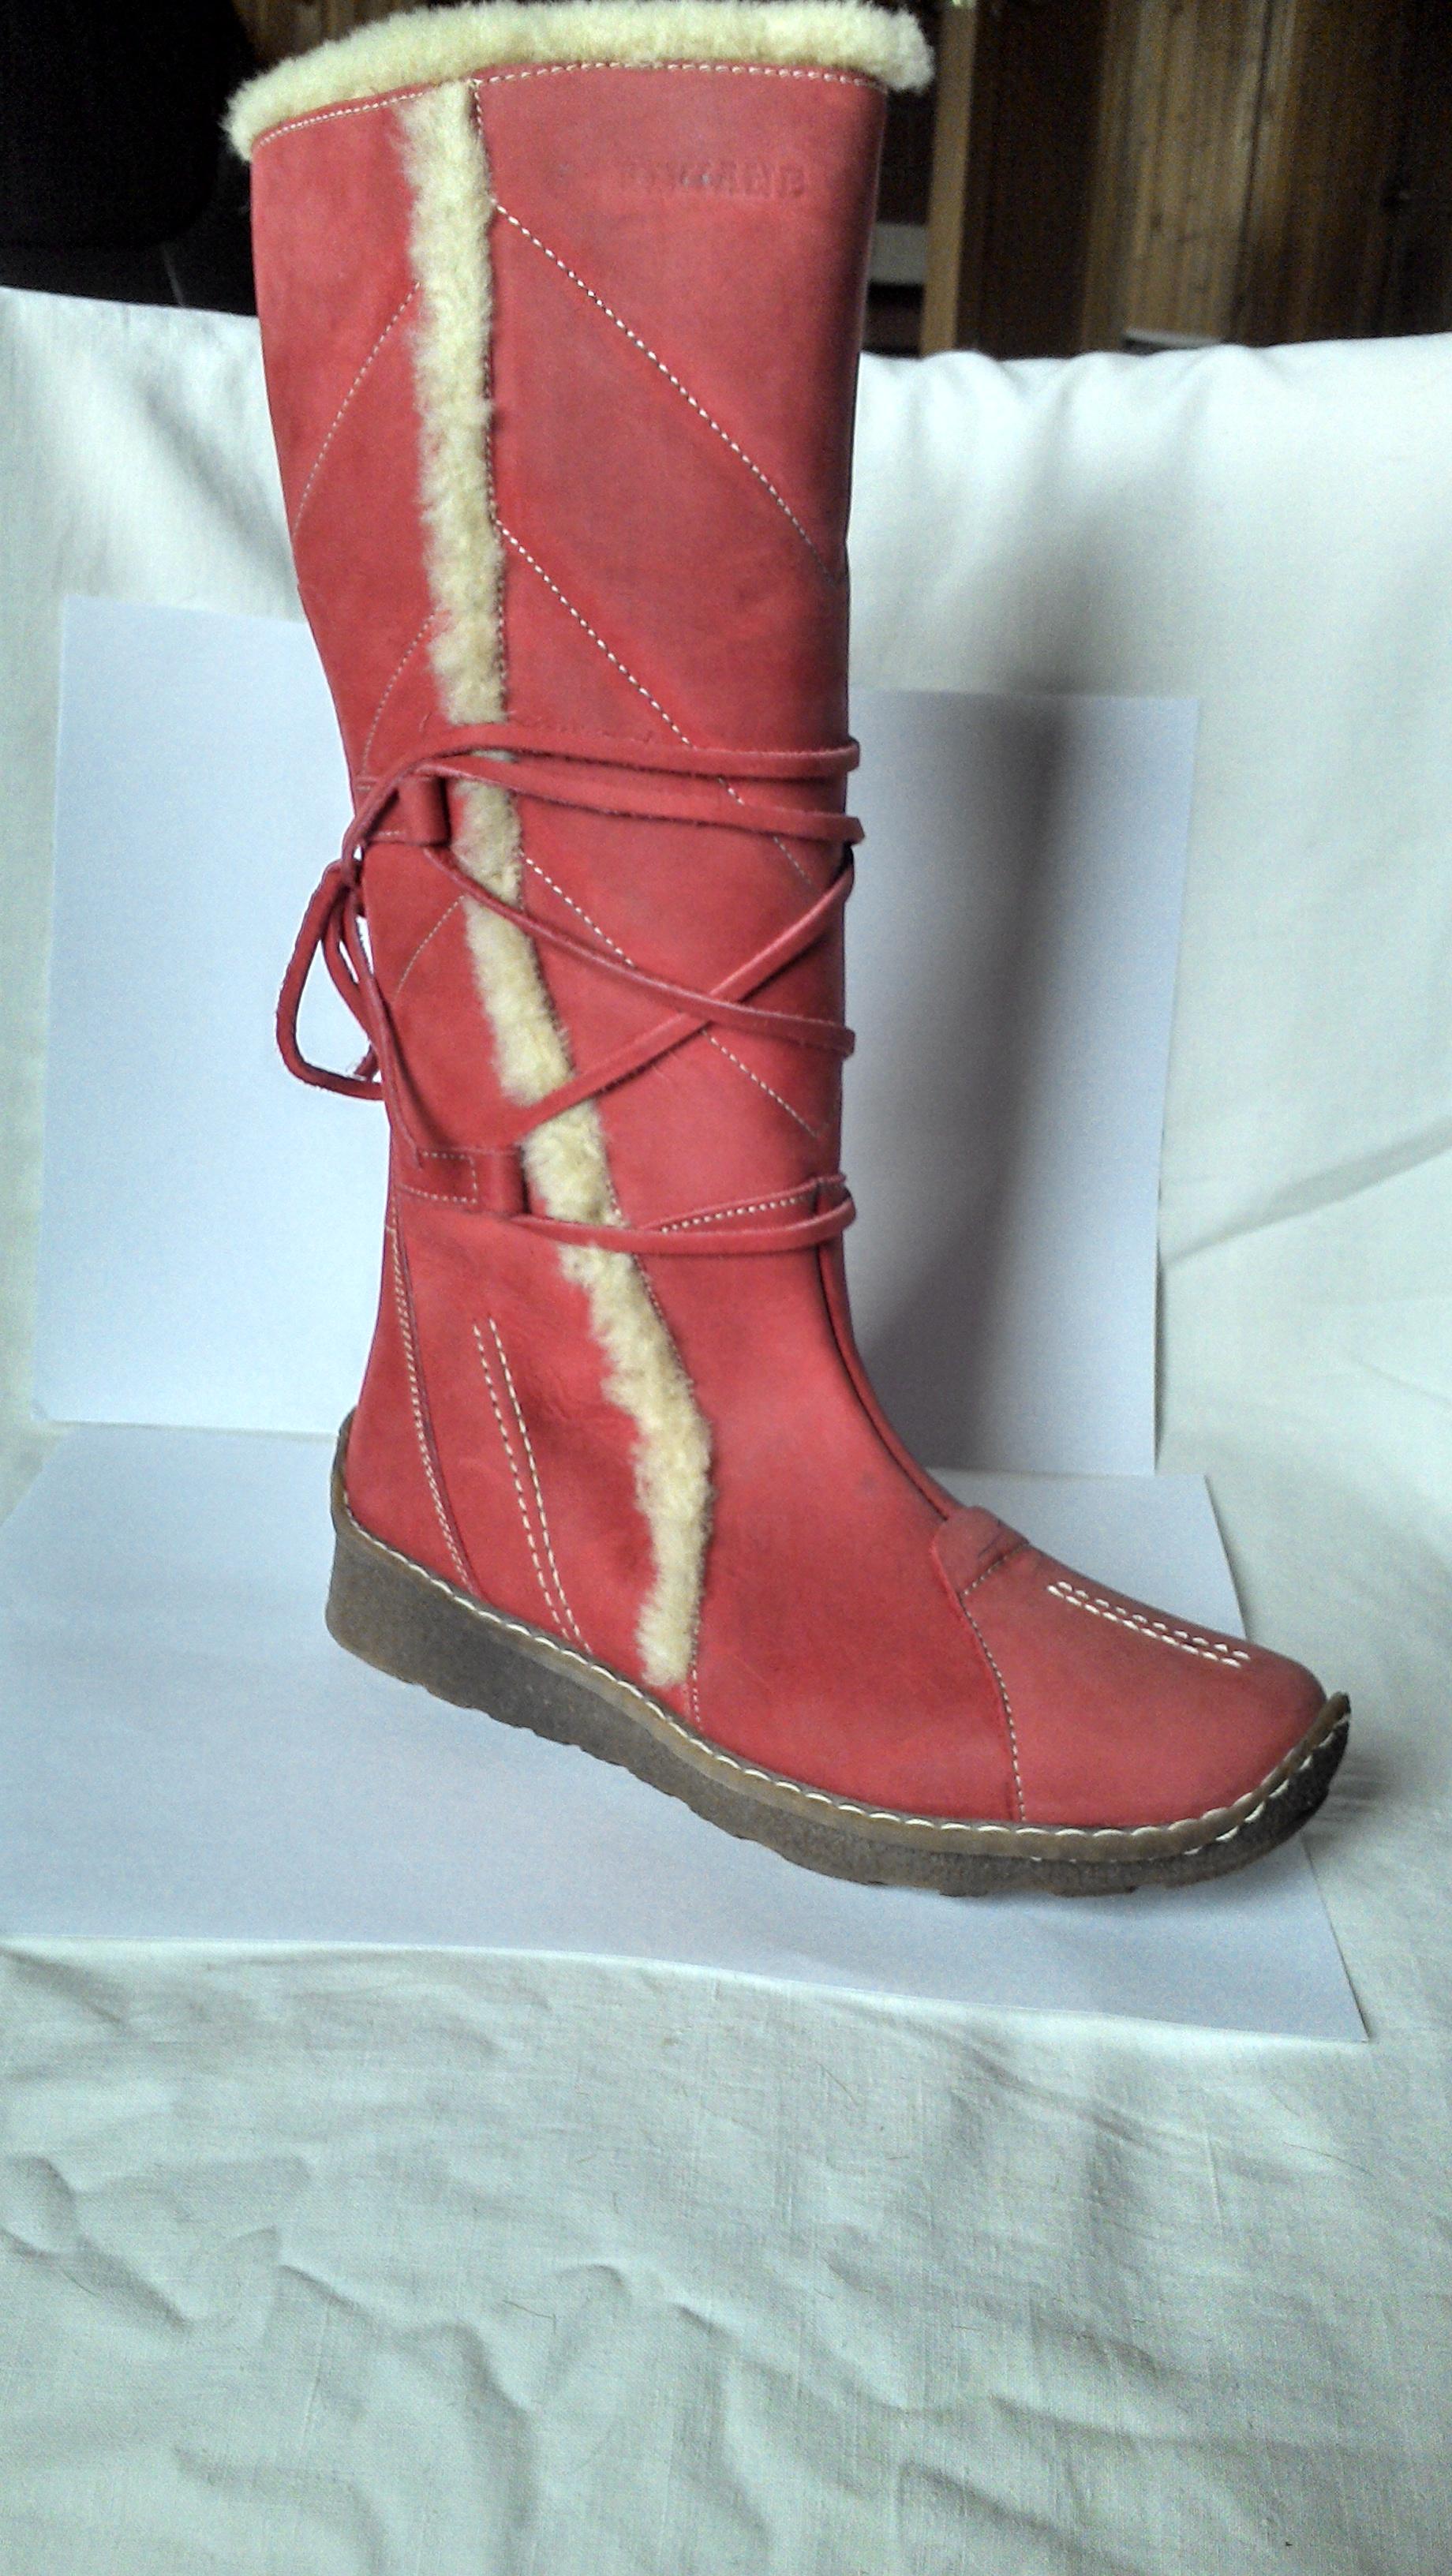 Сбор заказов. Обувь Milton-осень, зима, весна, лето, школа-2. Есть Италия! Распродажа! В наличии у поставщика! Стоп 2